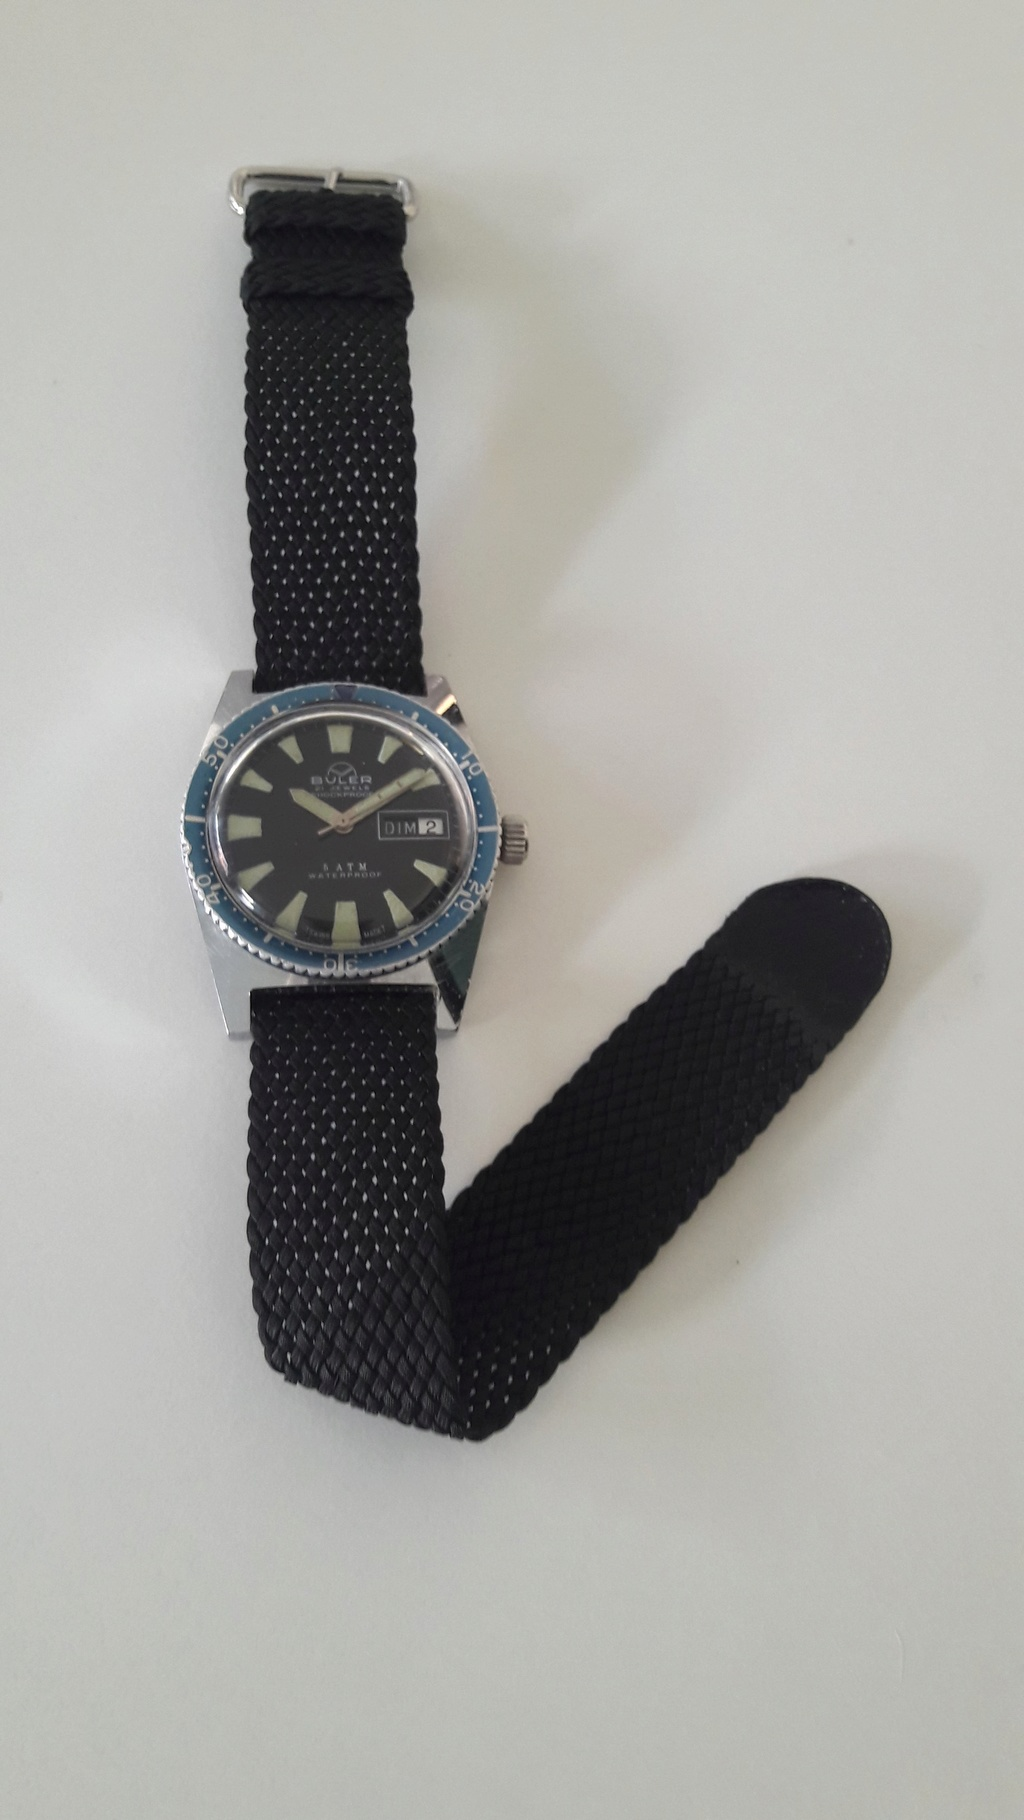 Relógios de mergulho vintage - Página 7 20180613